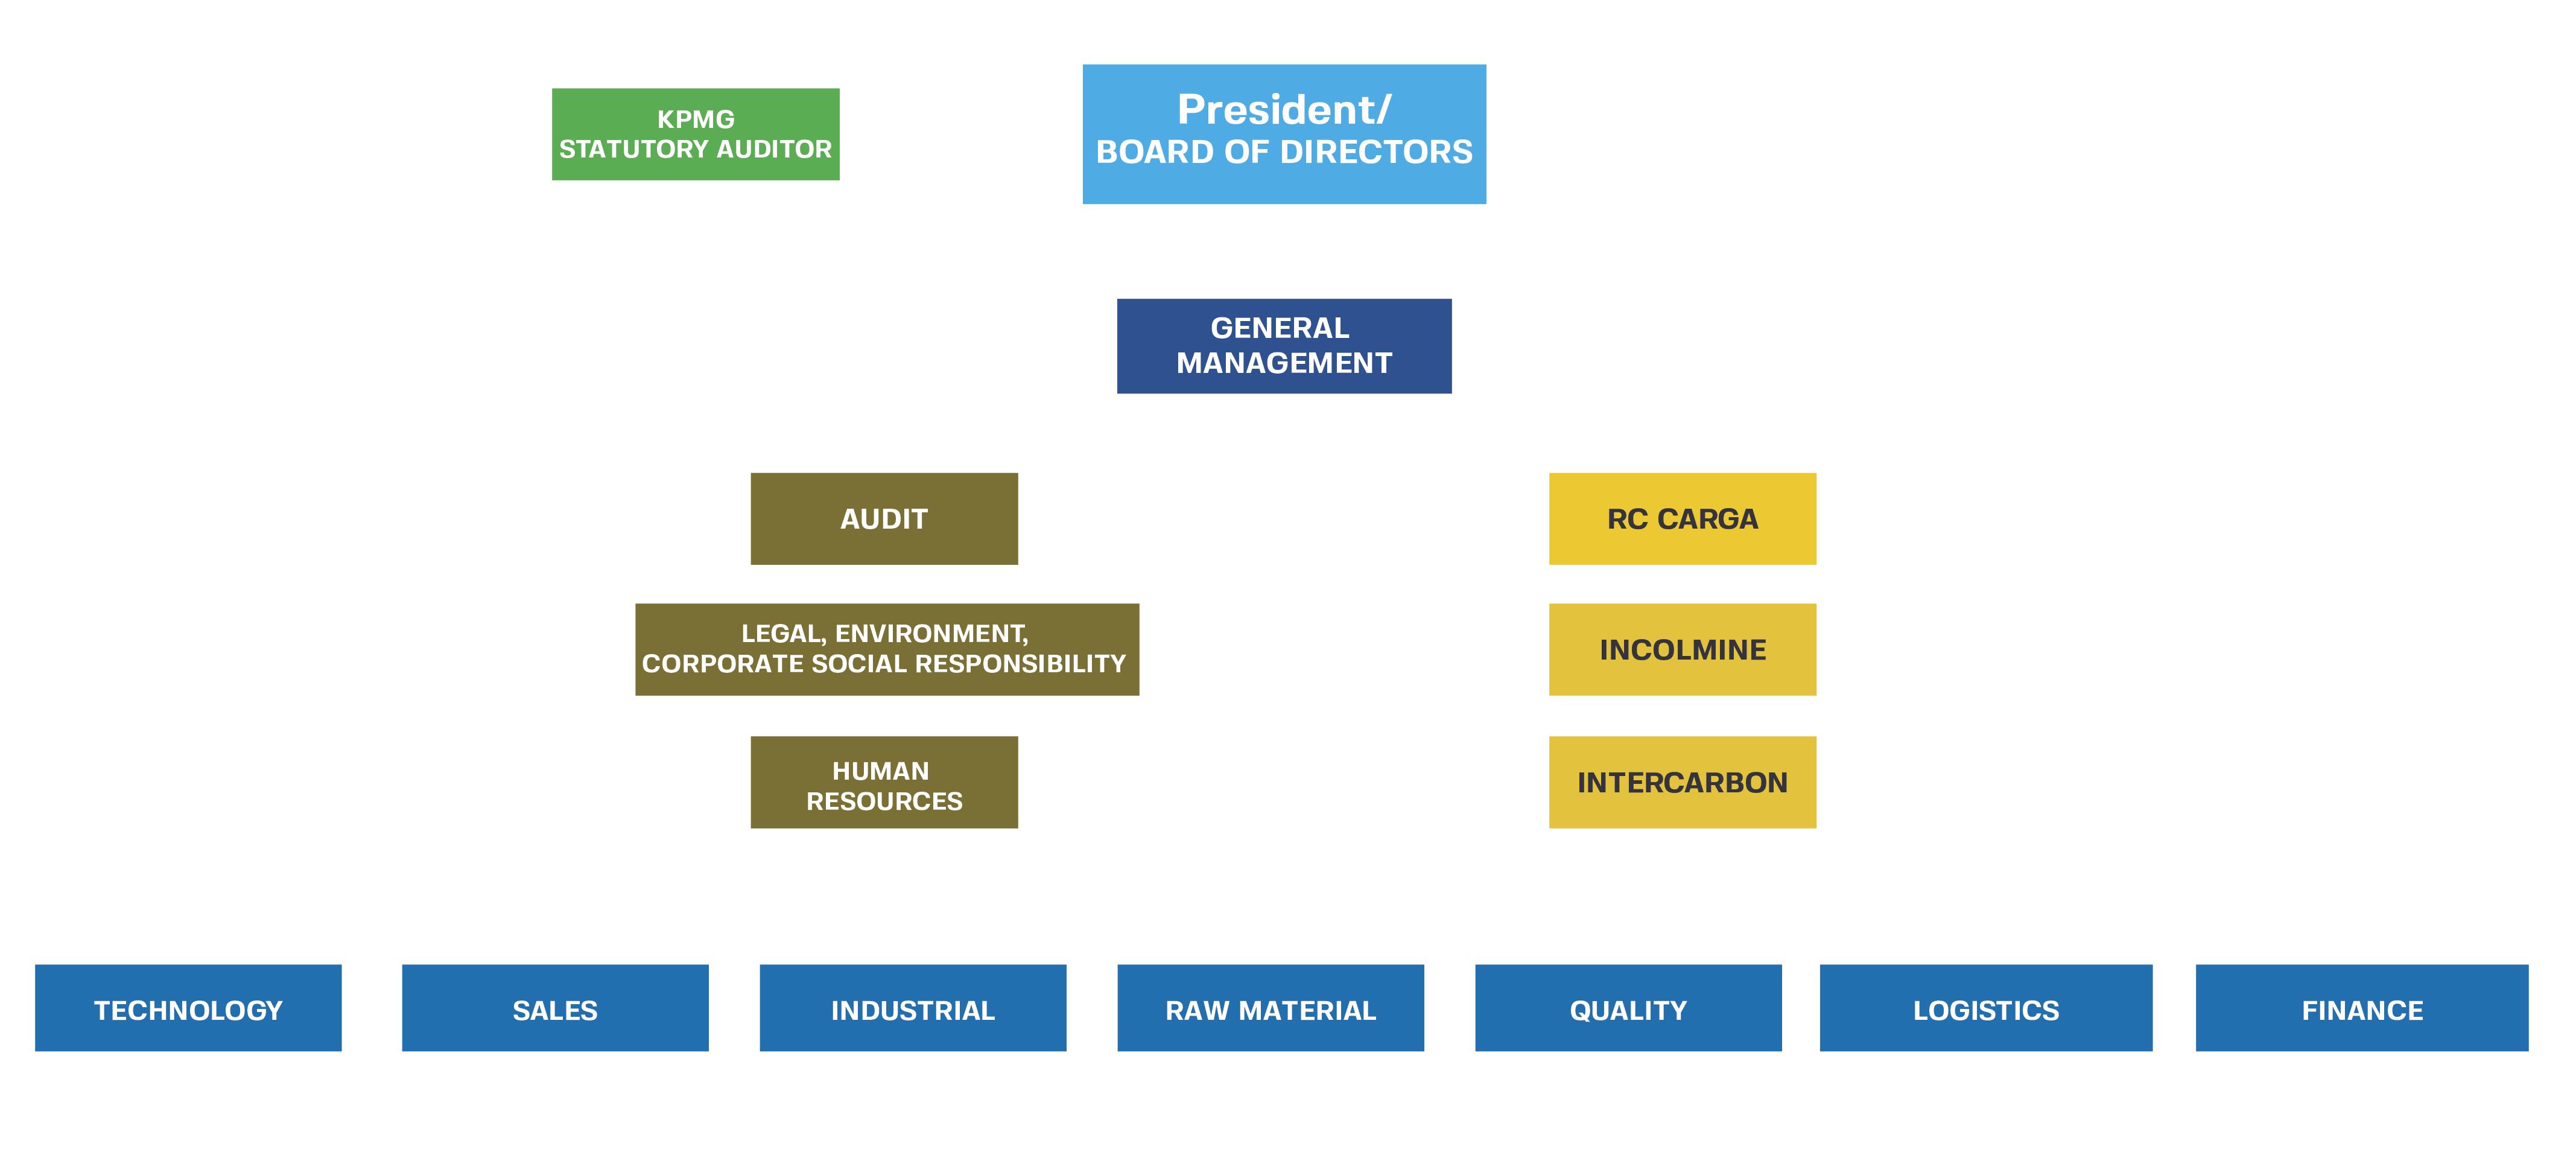 Gobierno corporativo Coquecol-04